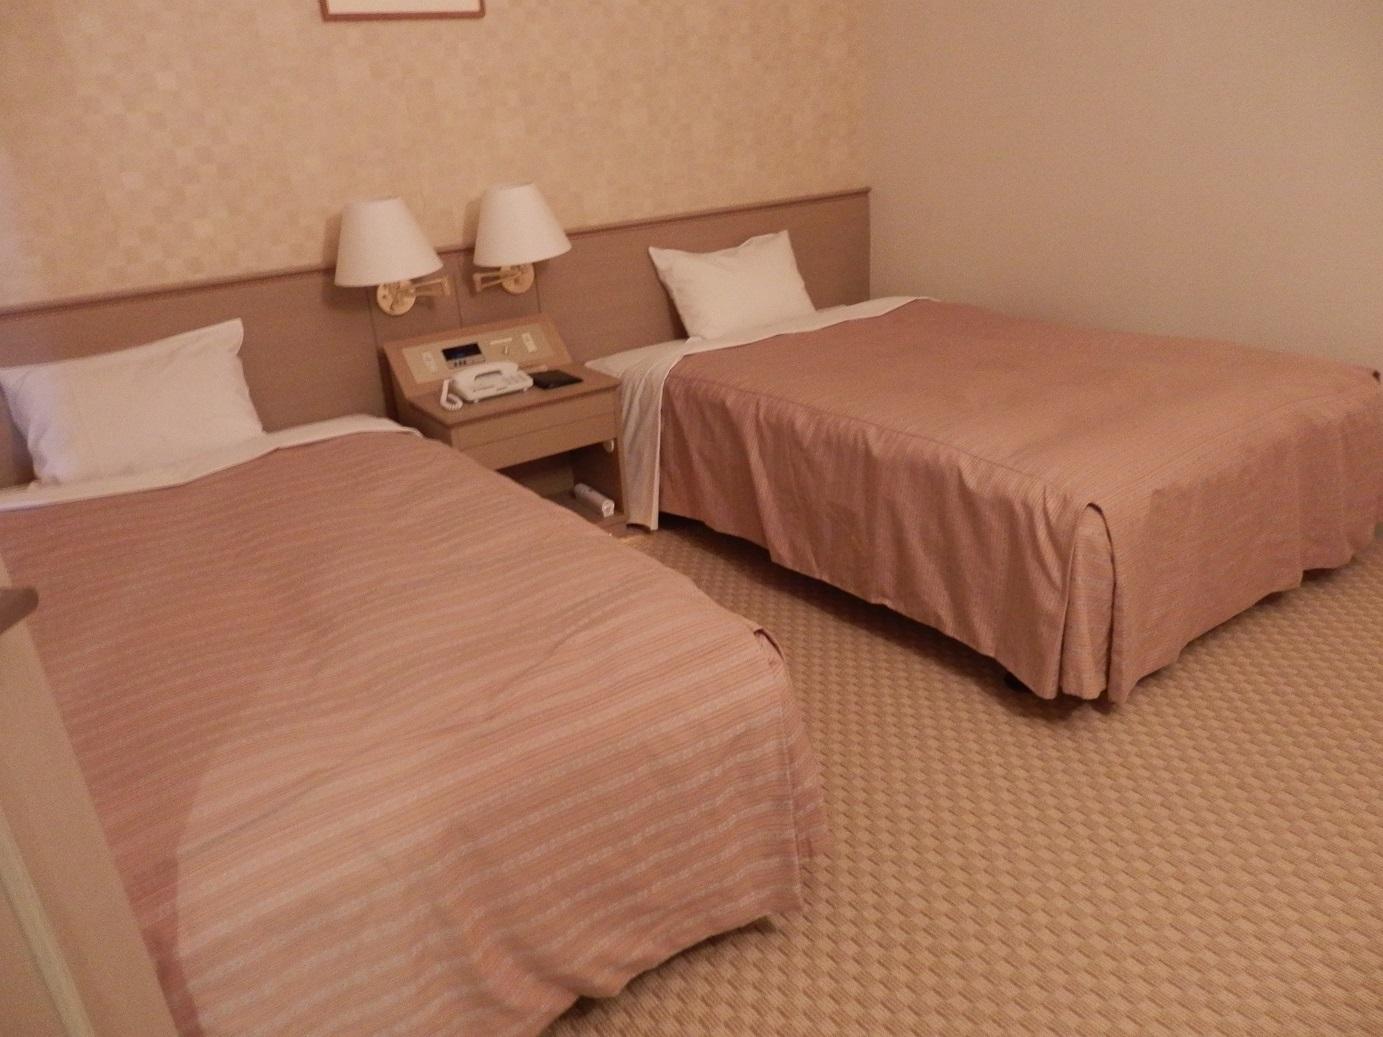 ホテルアンビエント蓼科、ベッドルーム。